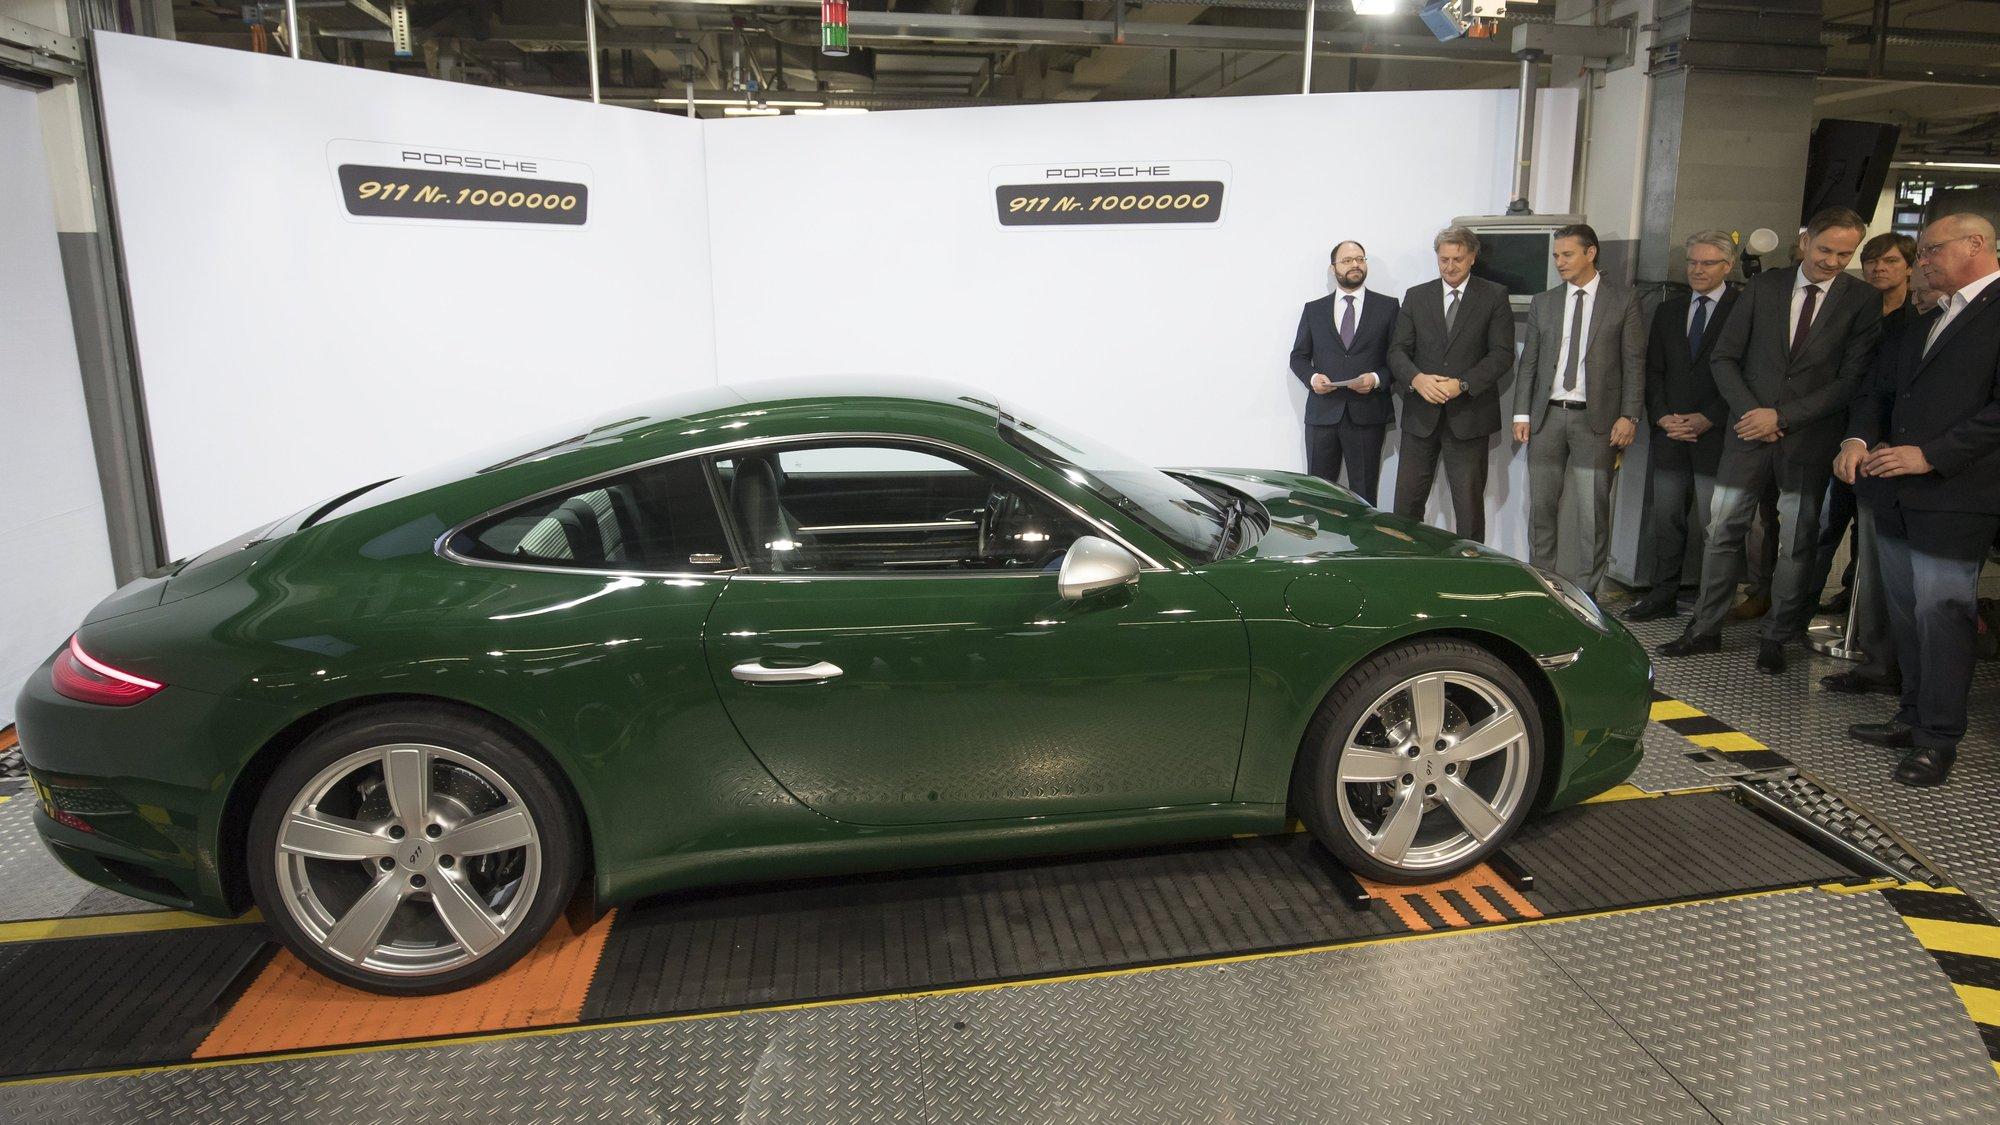 Un millón de Porsches desde que este icono viera la luz. Muy pocas marcas pueden presumir de este nuevo de unidades y del éxito y admiración que suscitan estos deportivos.